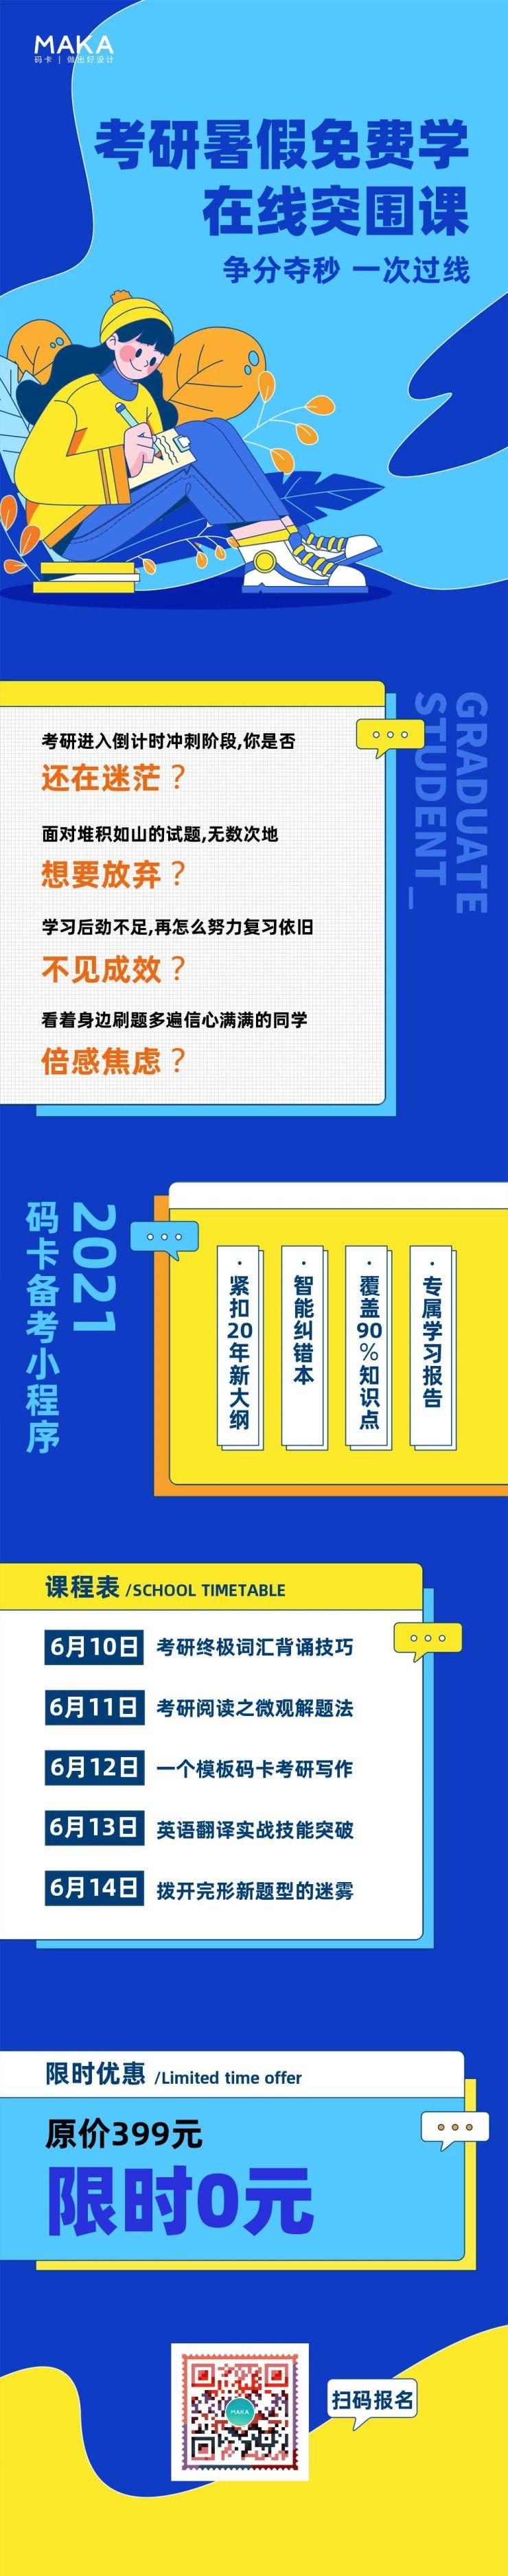 蓝色卡通风教育行业考研培训班暑期招生宣传推广长图模板